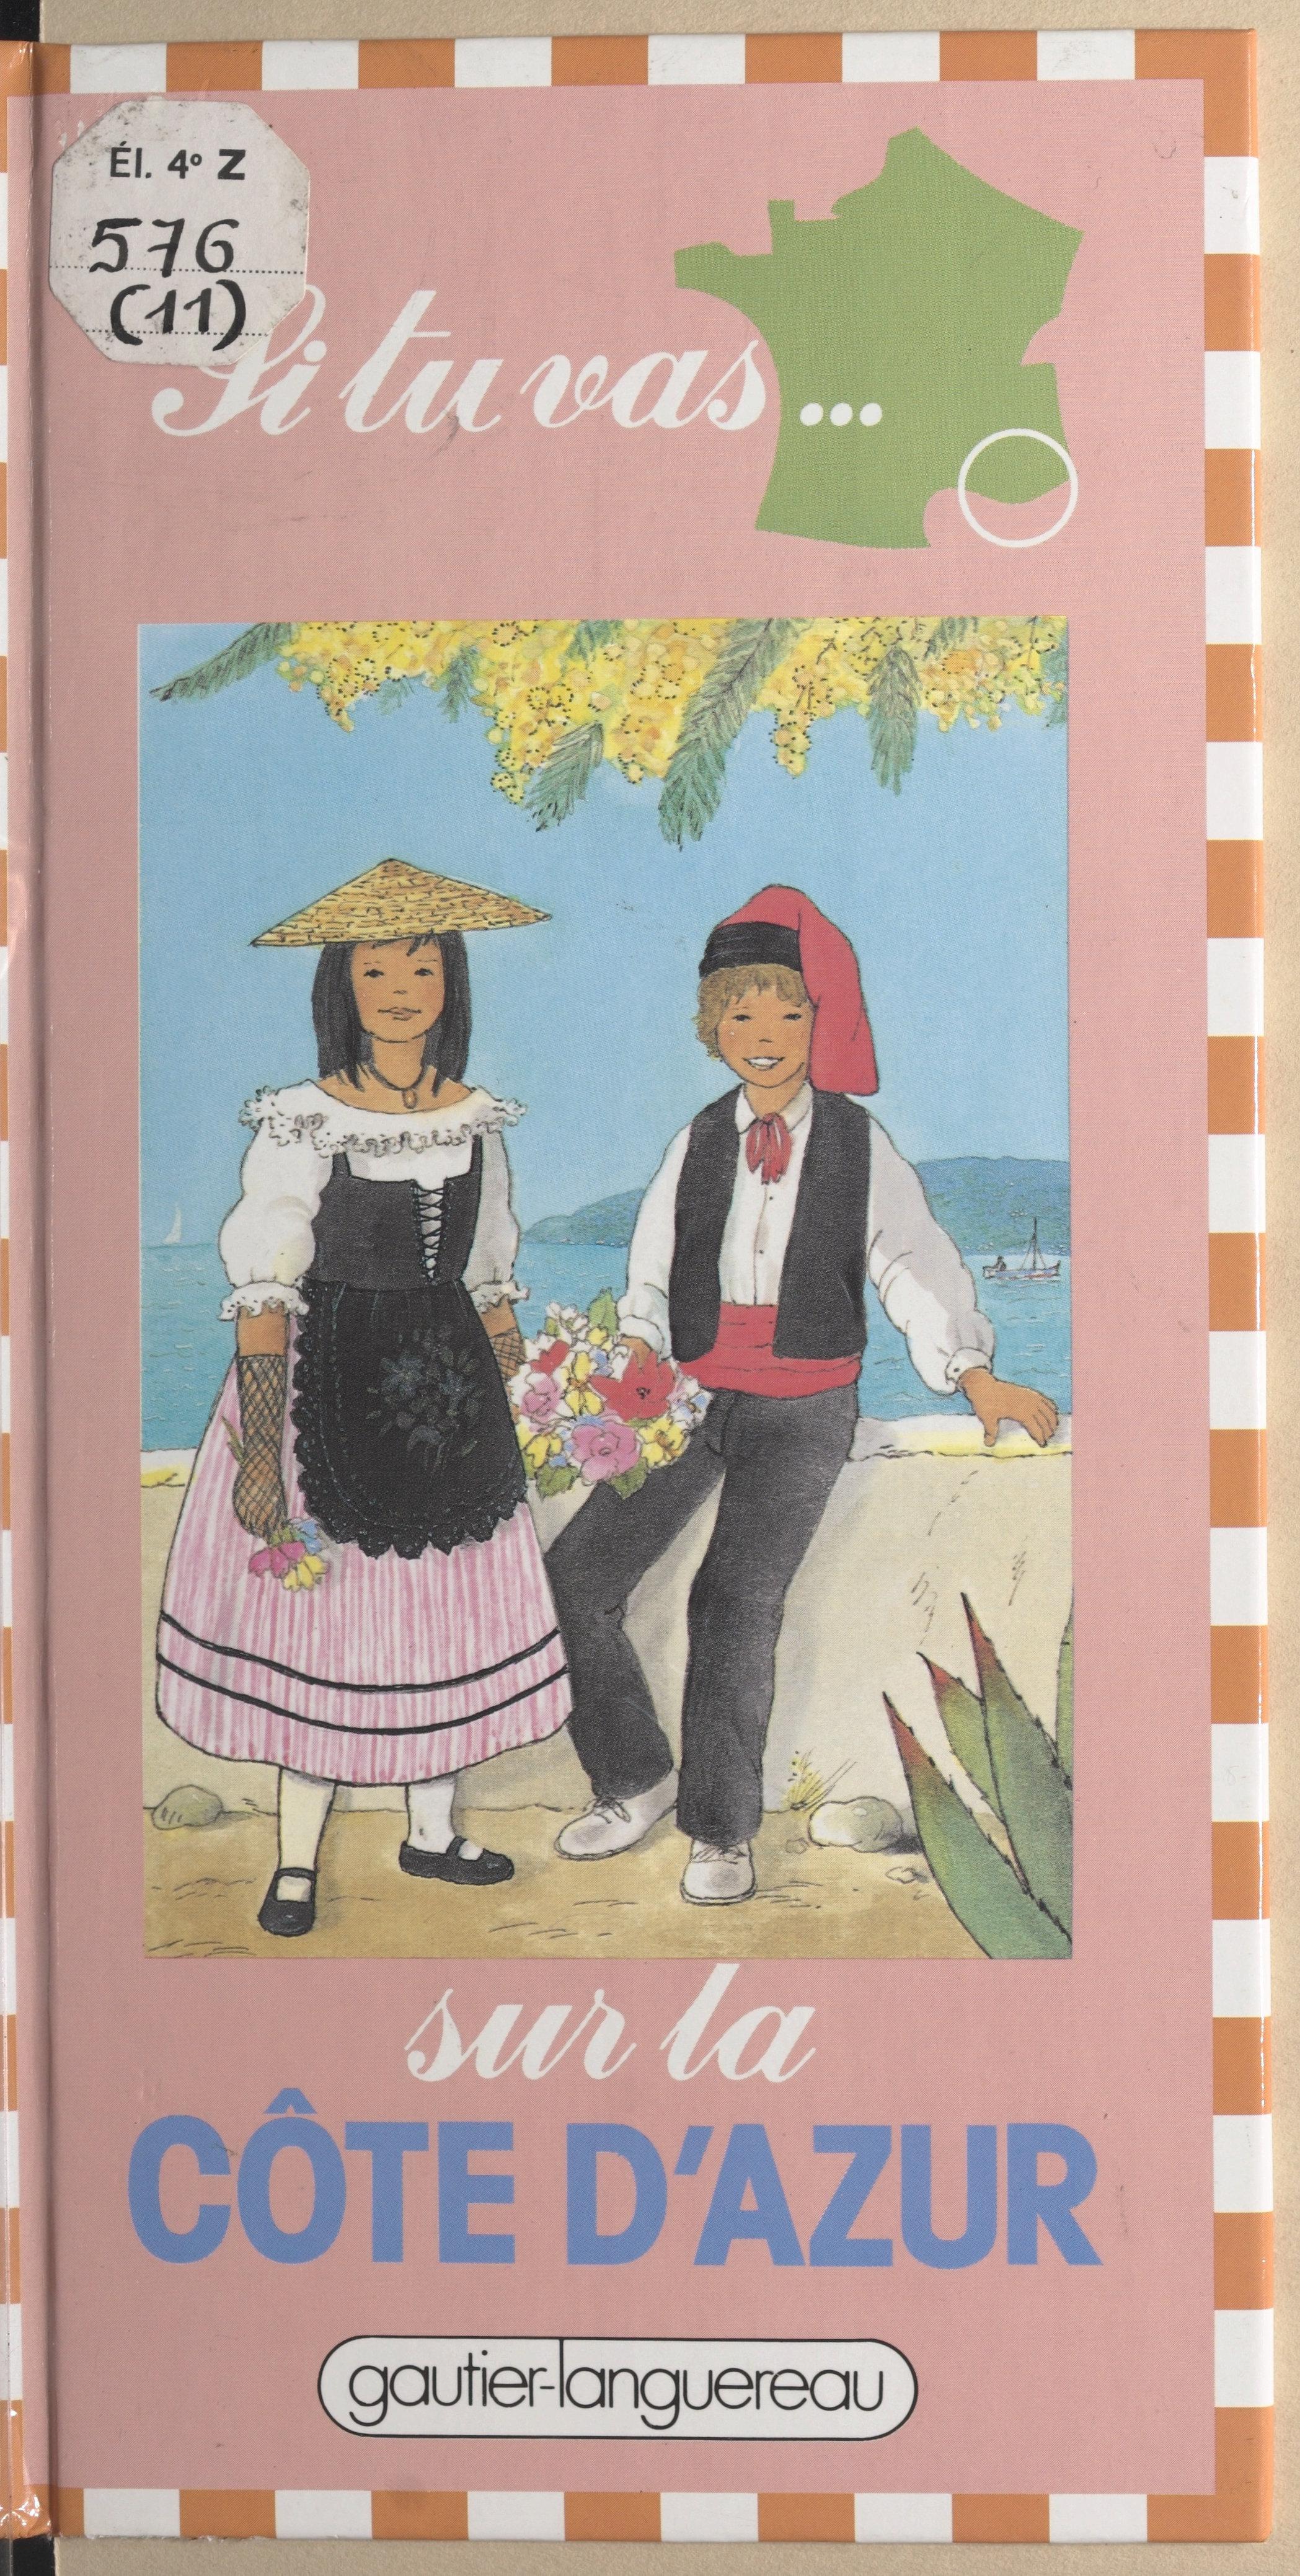 Si tu vas sur la Côte d'Azur